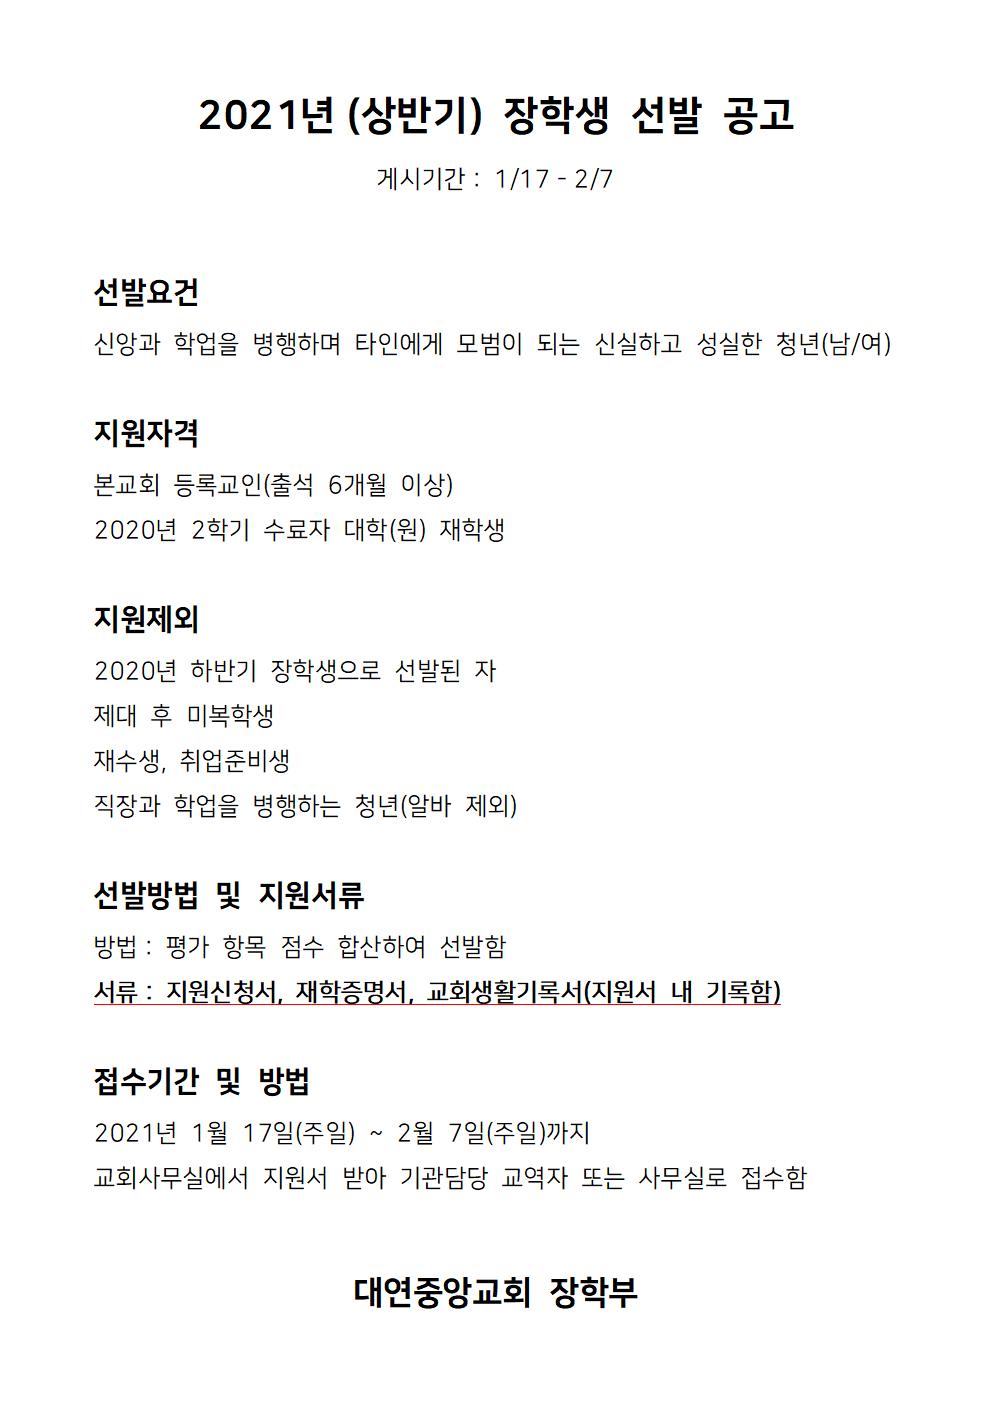 2021상반기장학생선발공고.png